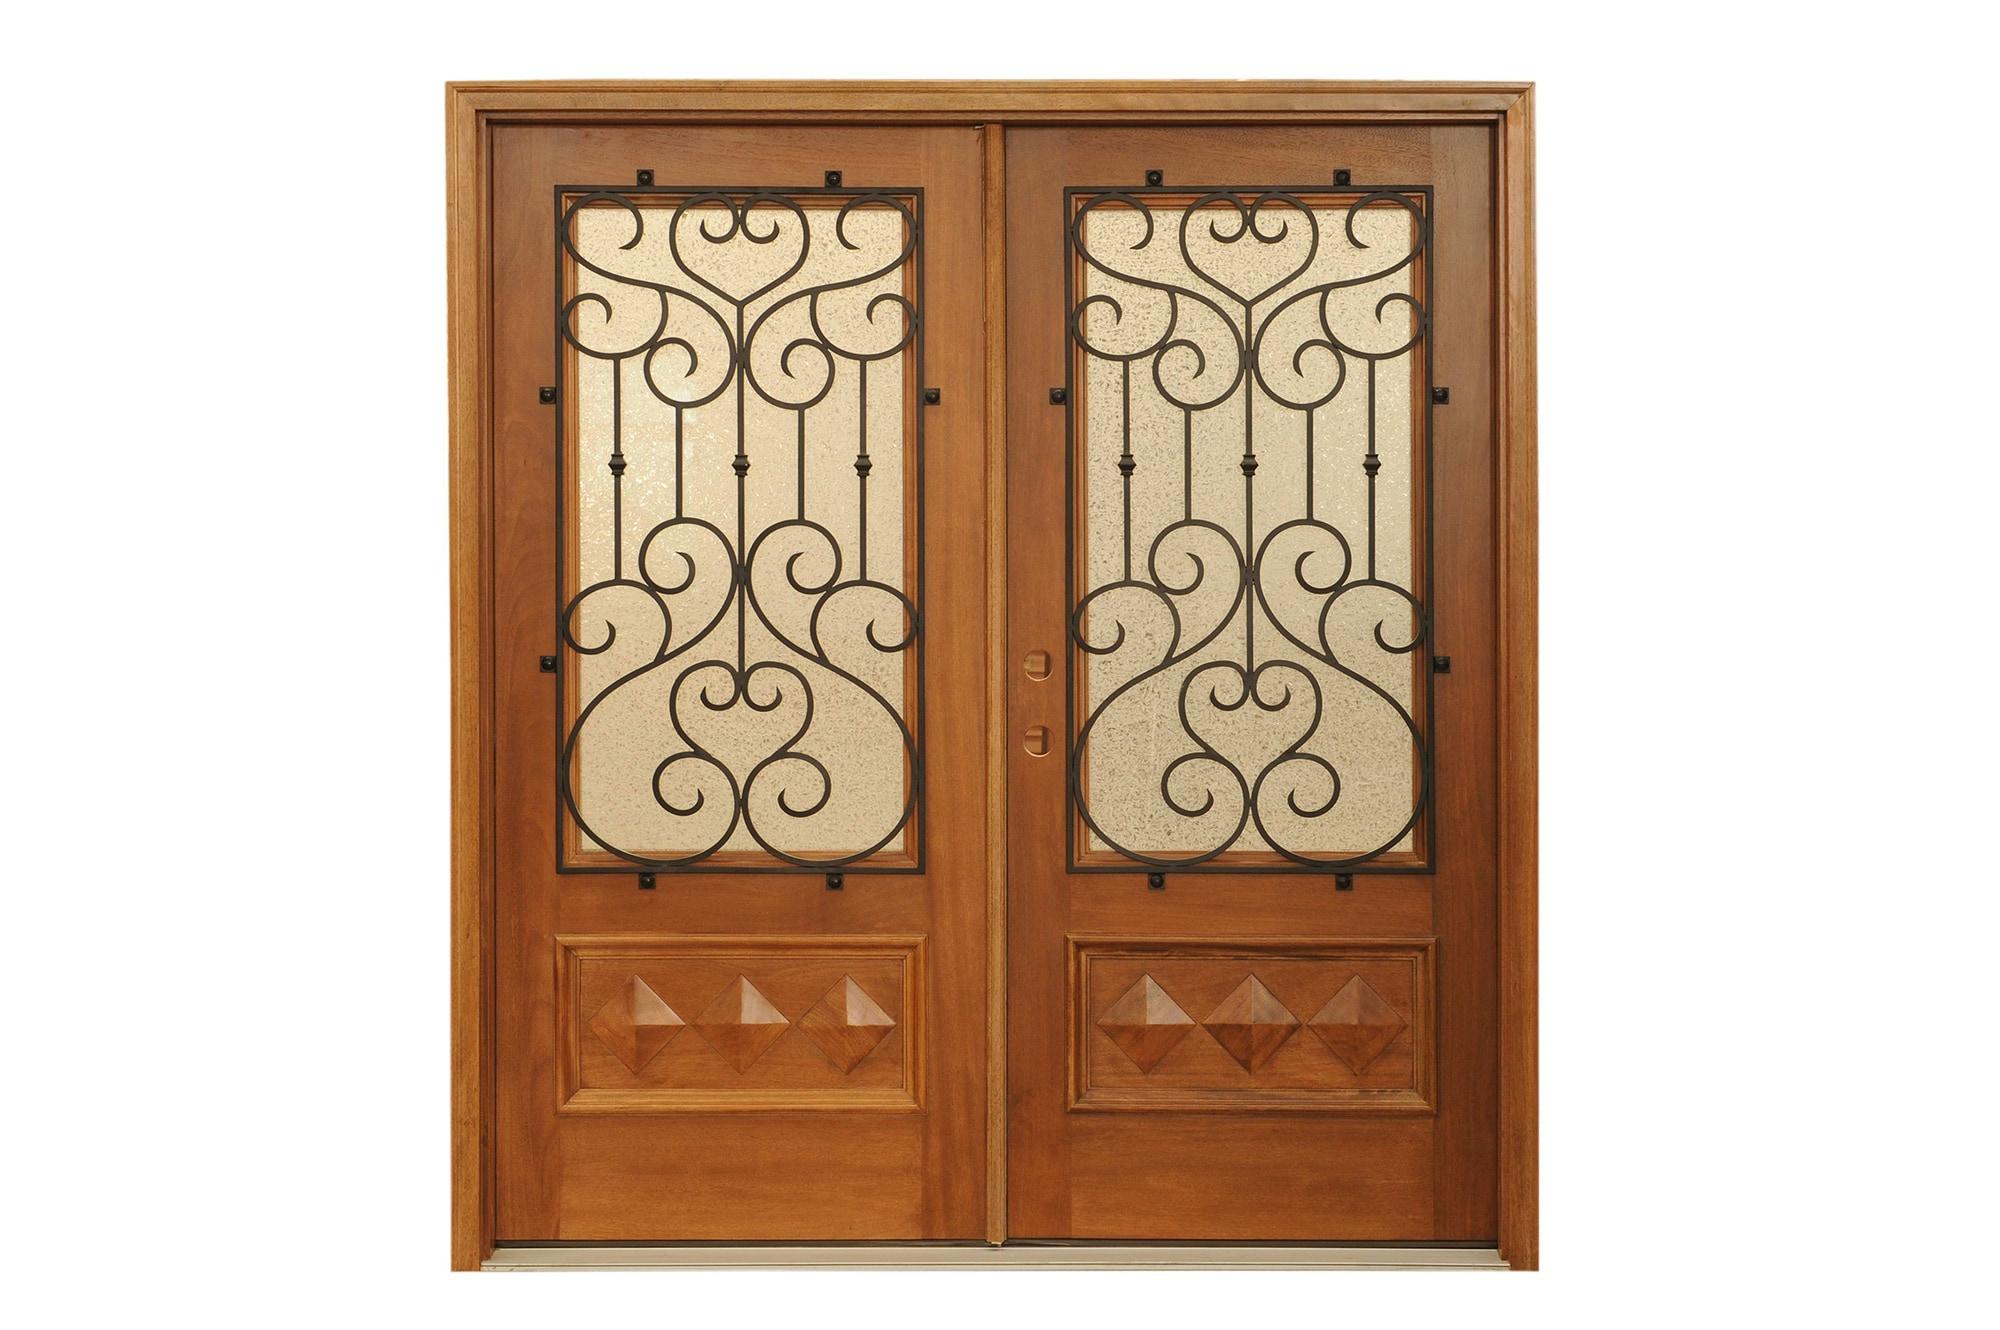 1330 #834620 Home Doors Exterior Doors All Products Sunset / Double Door Mahogany  save image Vintage Exterior Doors 41072000